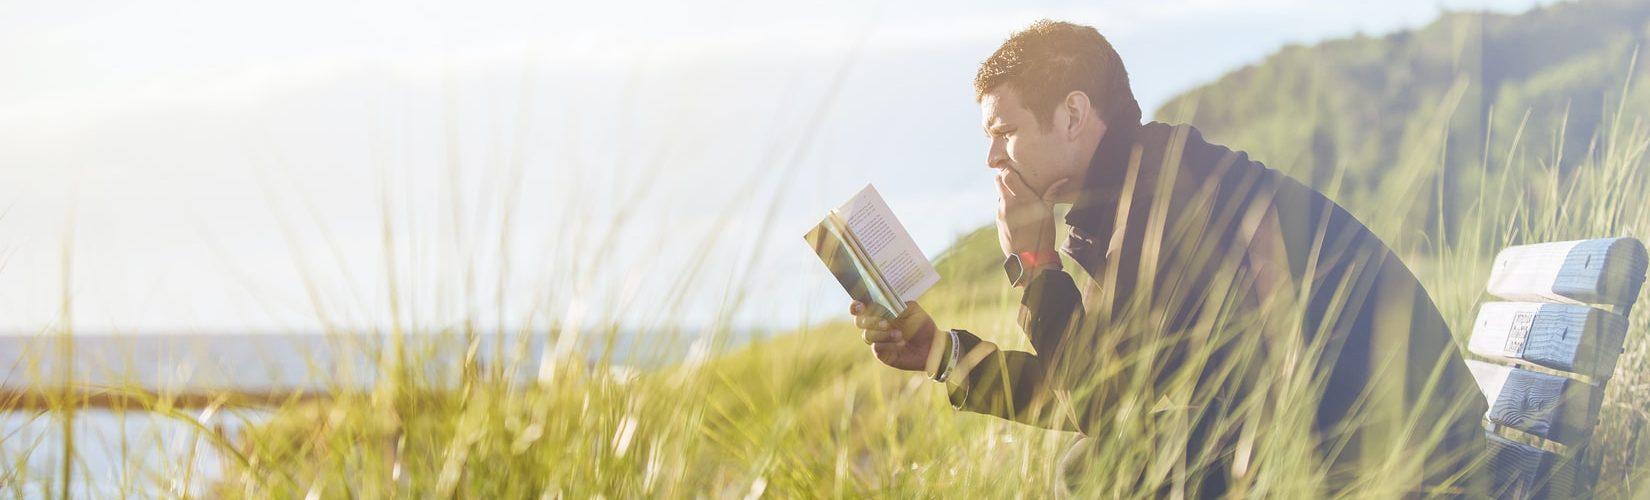 boek-lezen